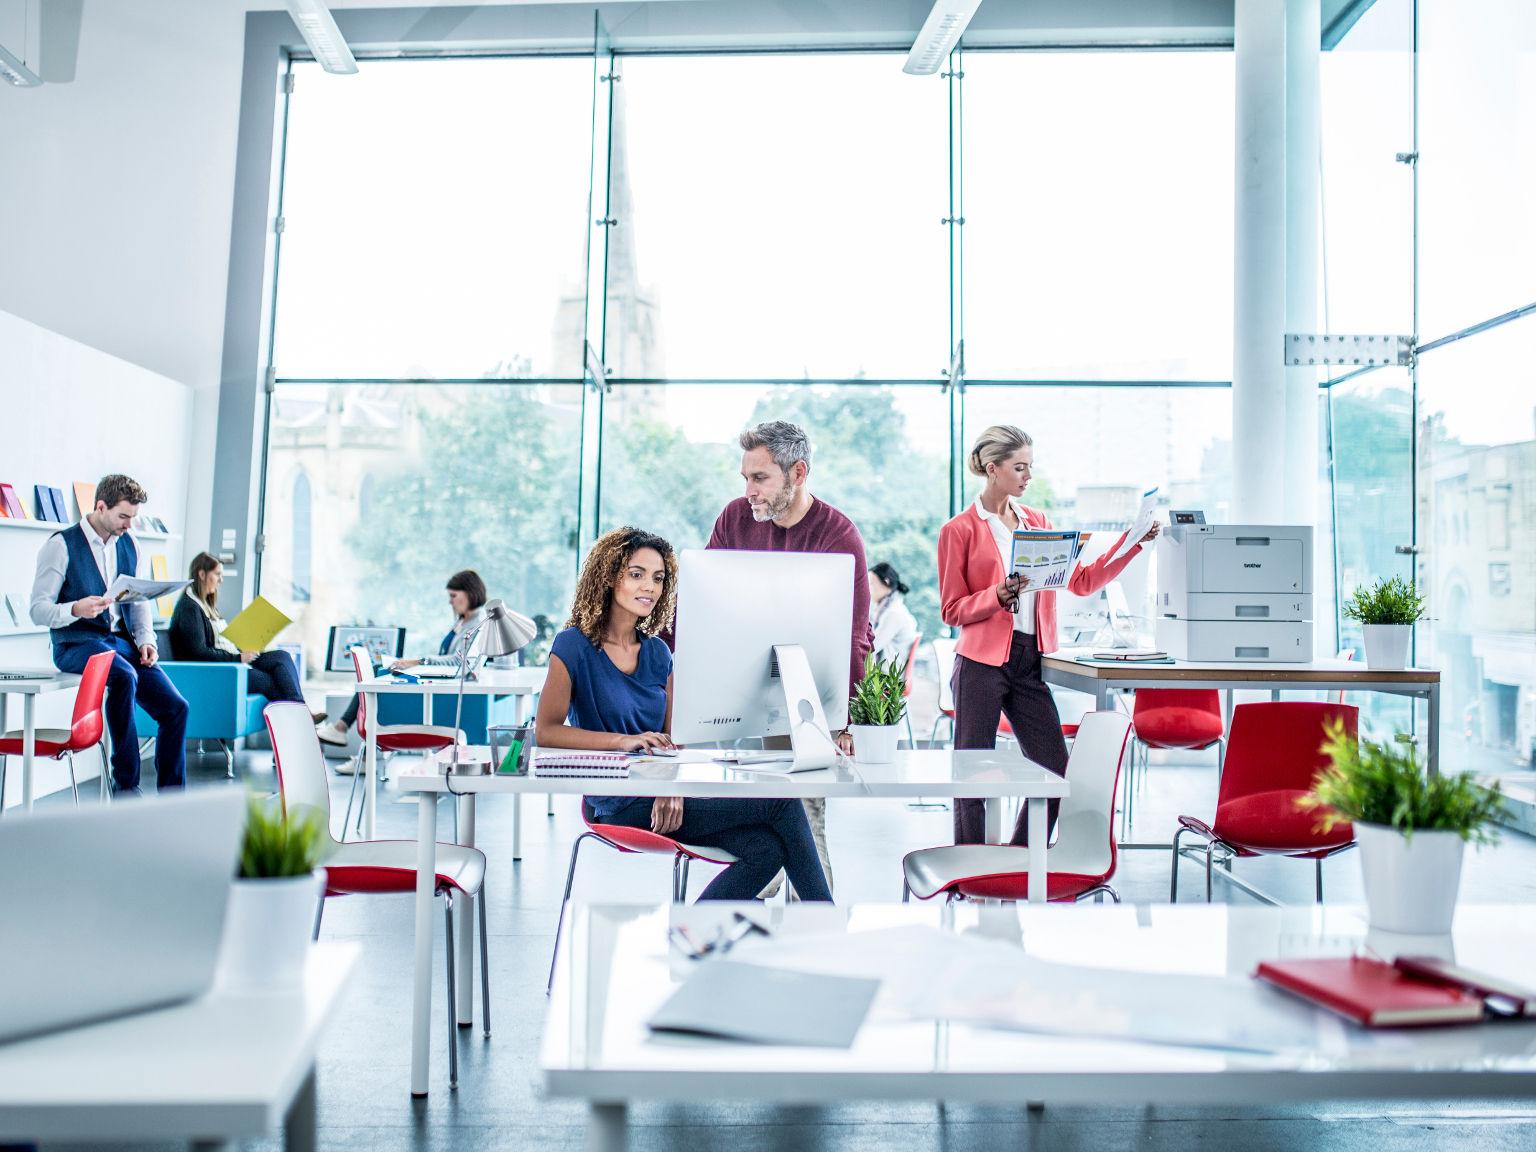 Gente trabajando en oficina